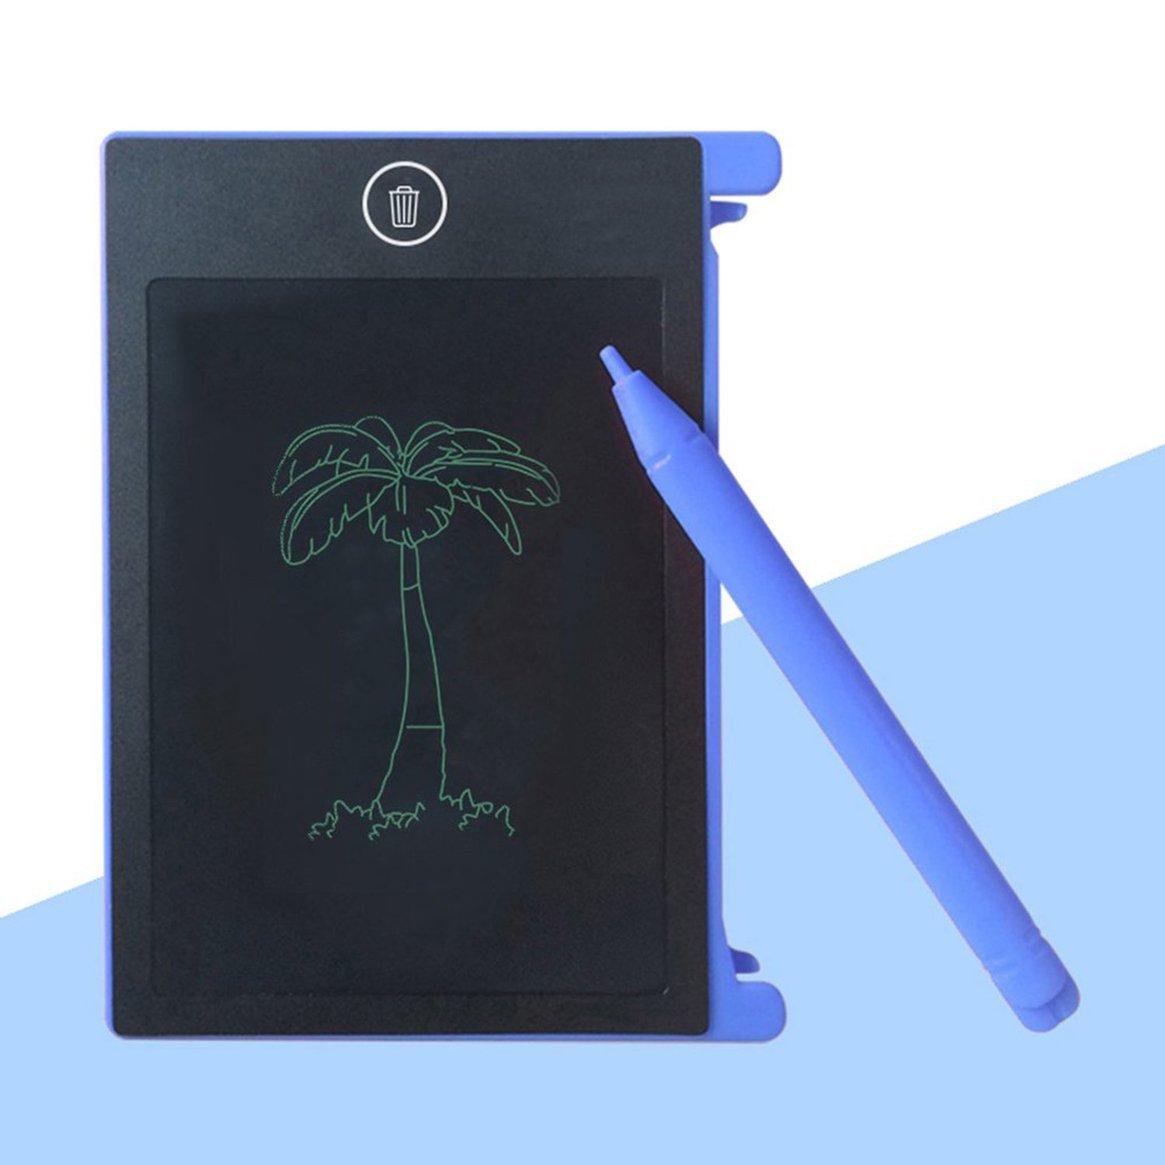 Tablero de escritura LCD portátil de 4.4 pulgadas Tablero de escritura electrónico Niños Adultos Tableta de dibujo Libreta para el hogar Delicacydex